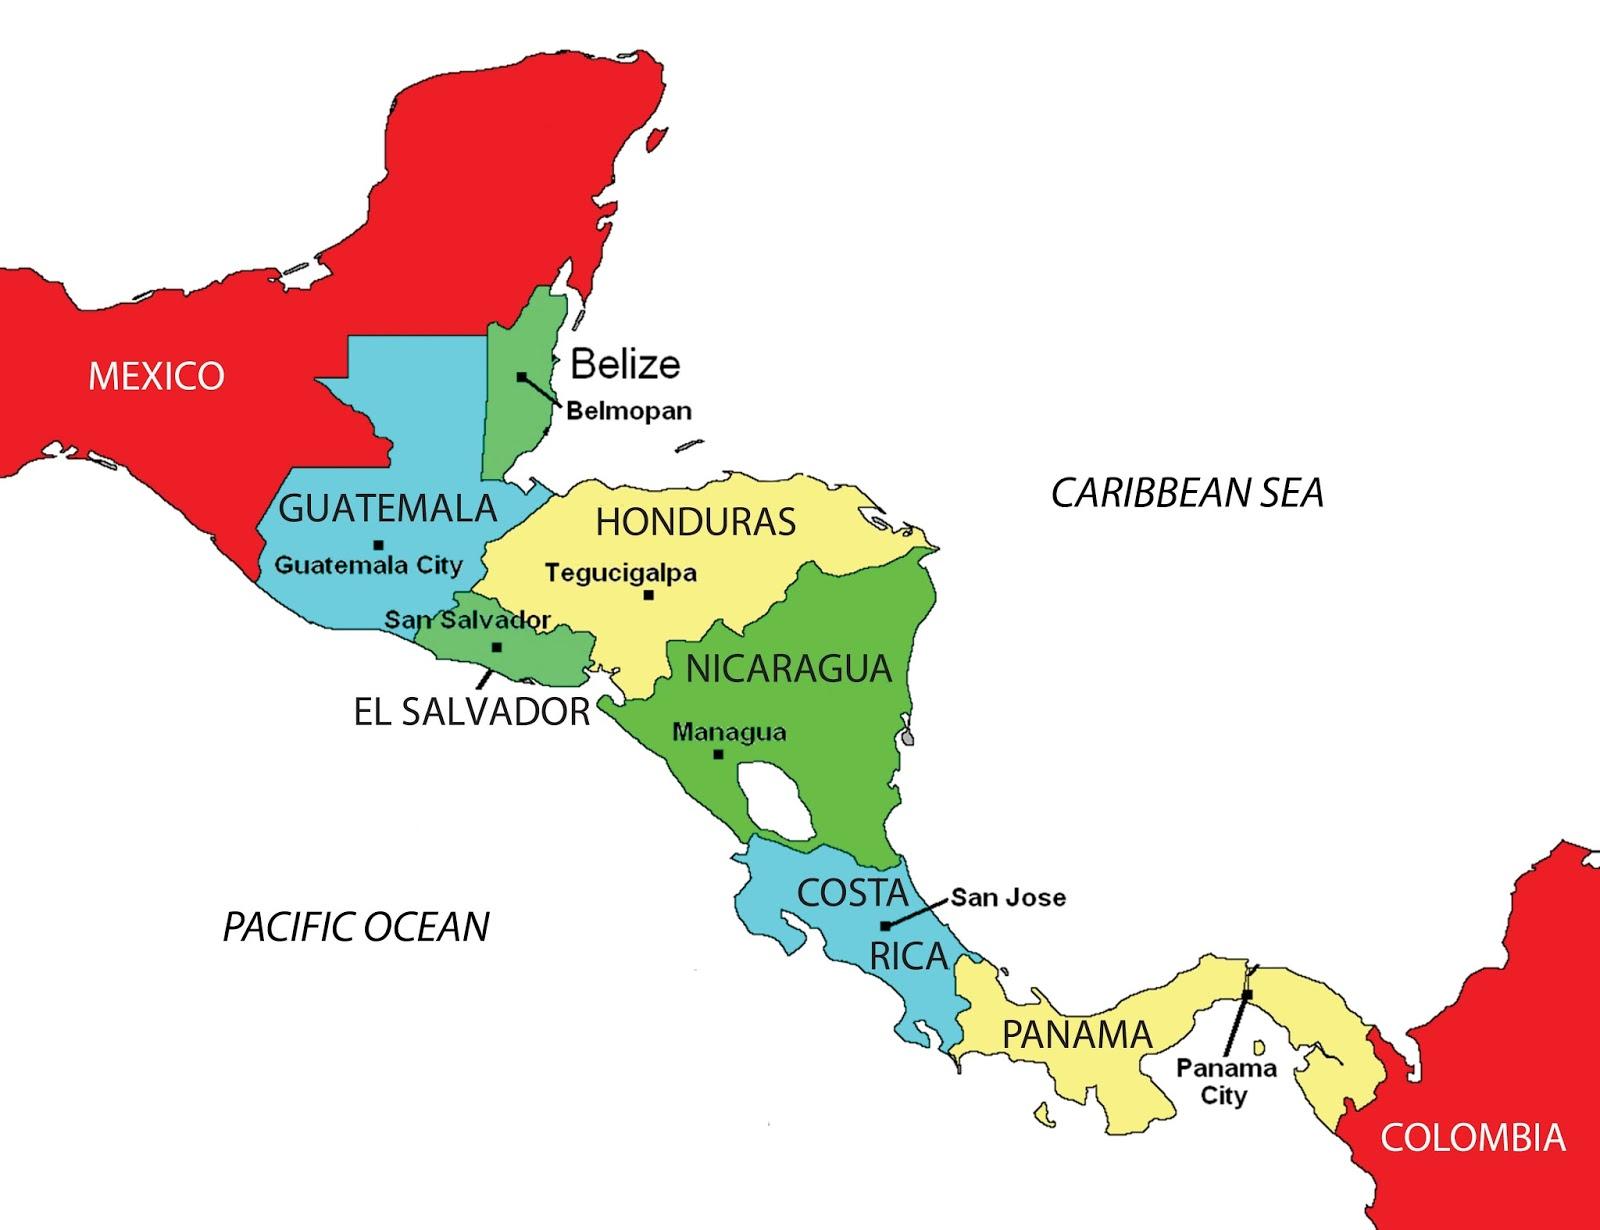 Eco R Geo: Central America faces major crop losses due to El Niño ...